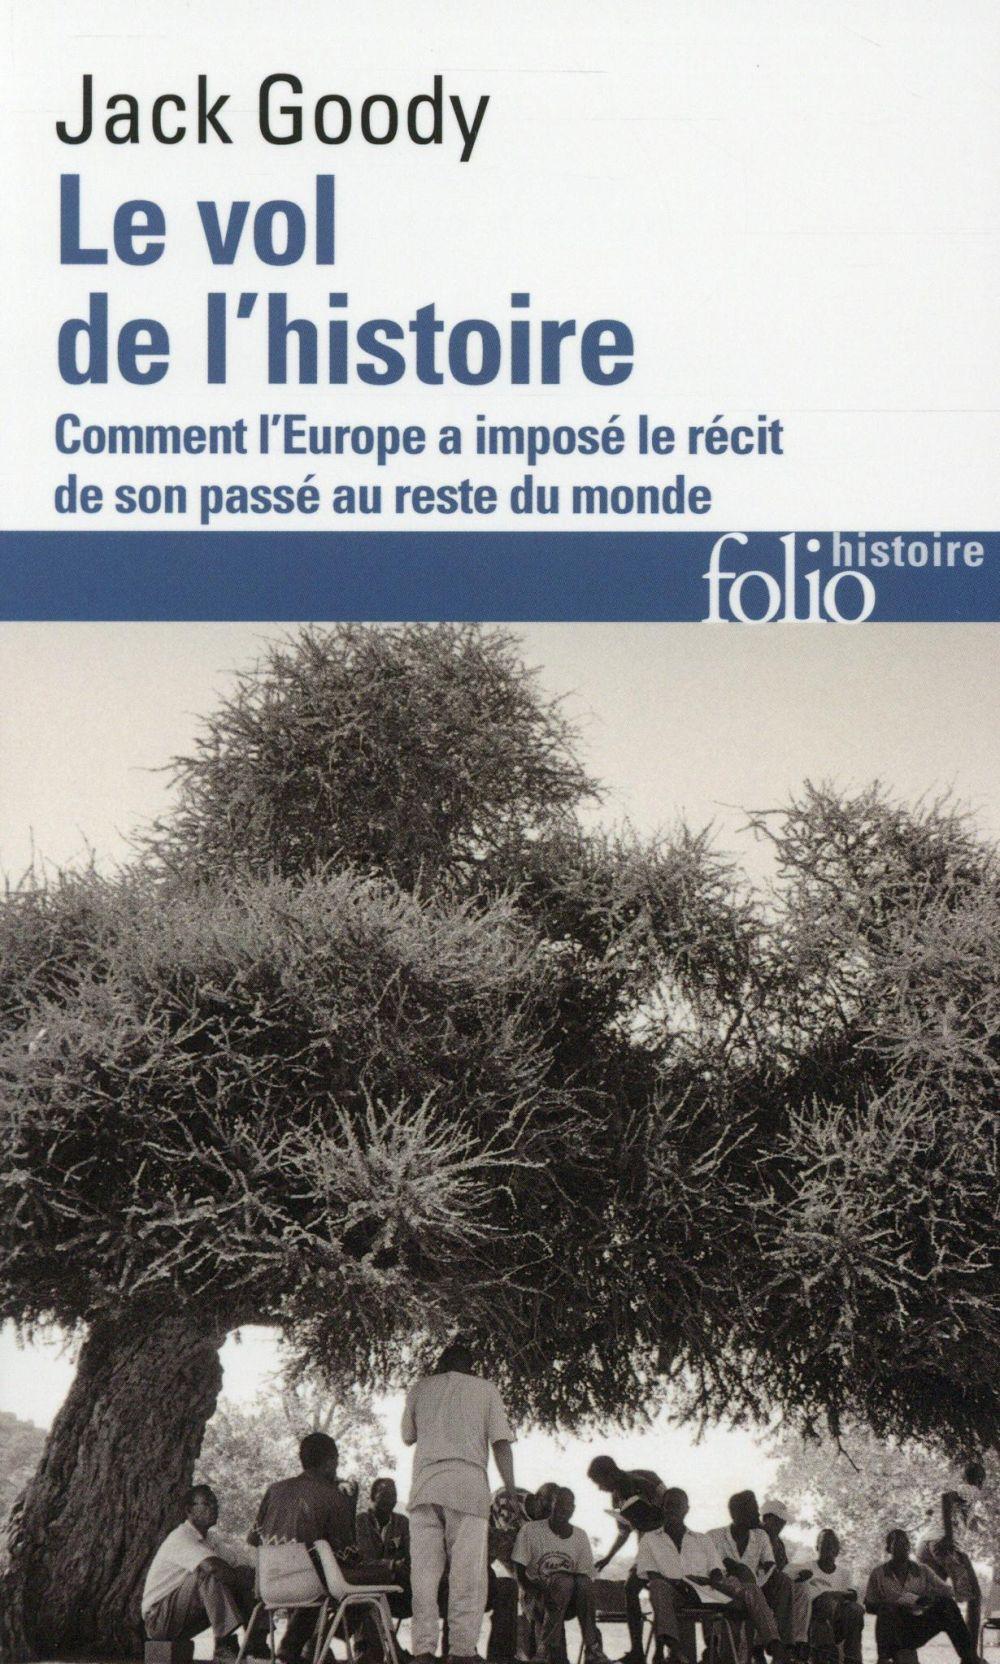 le vol de l'histoire ; comment l'Europe a imposé le récit de son passé au reste du monde